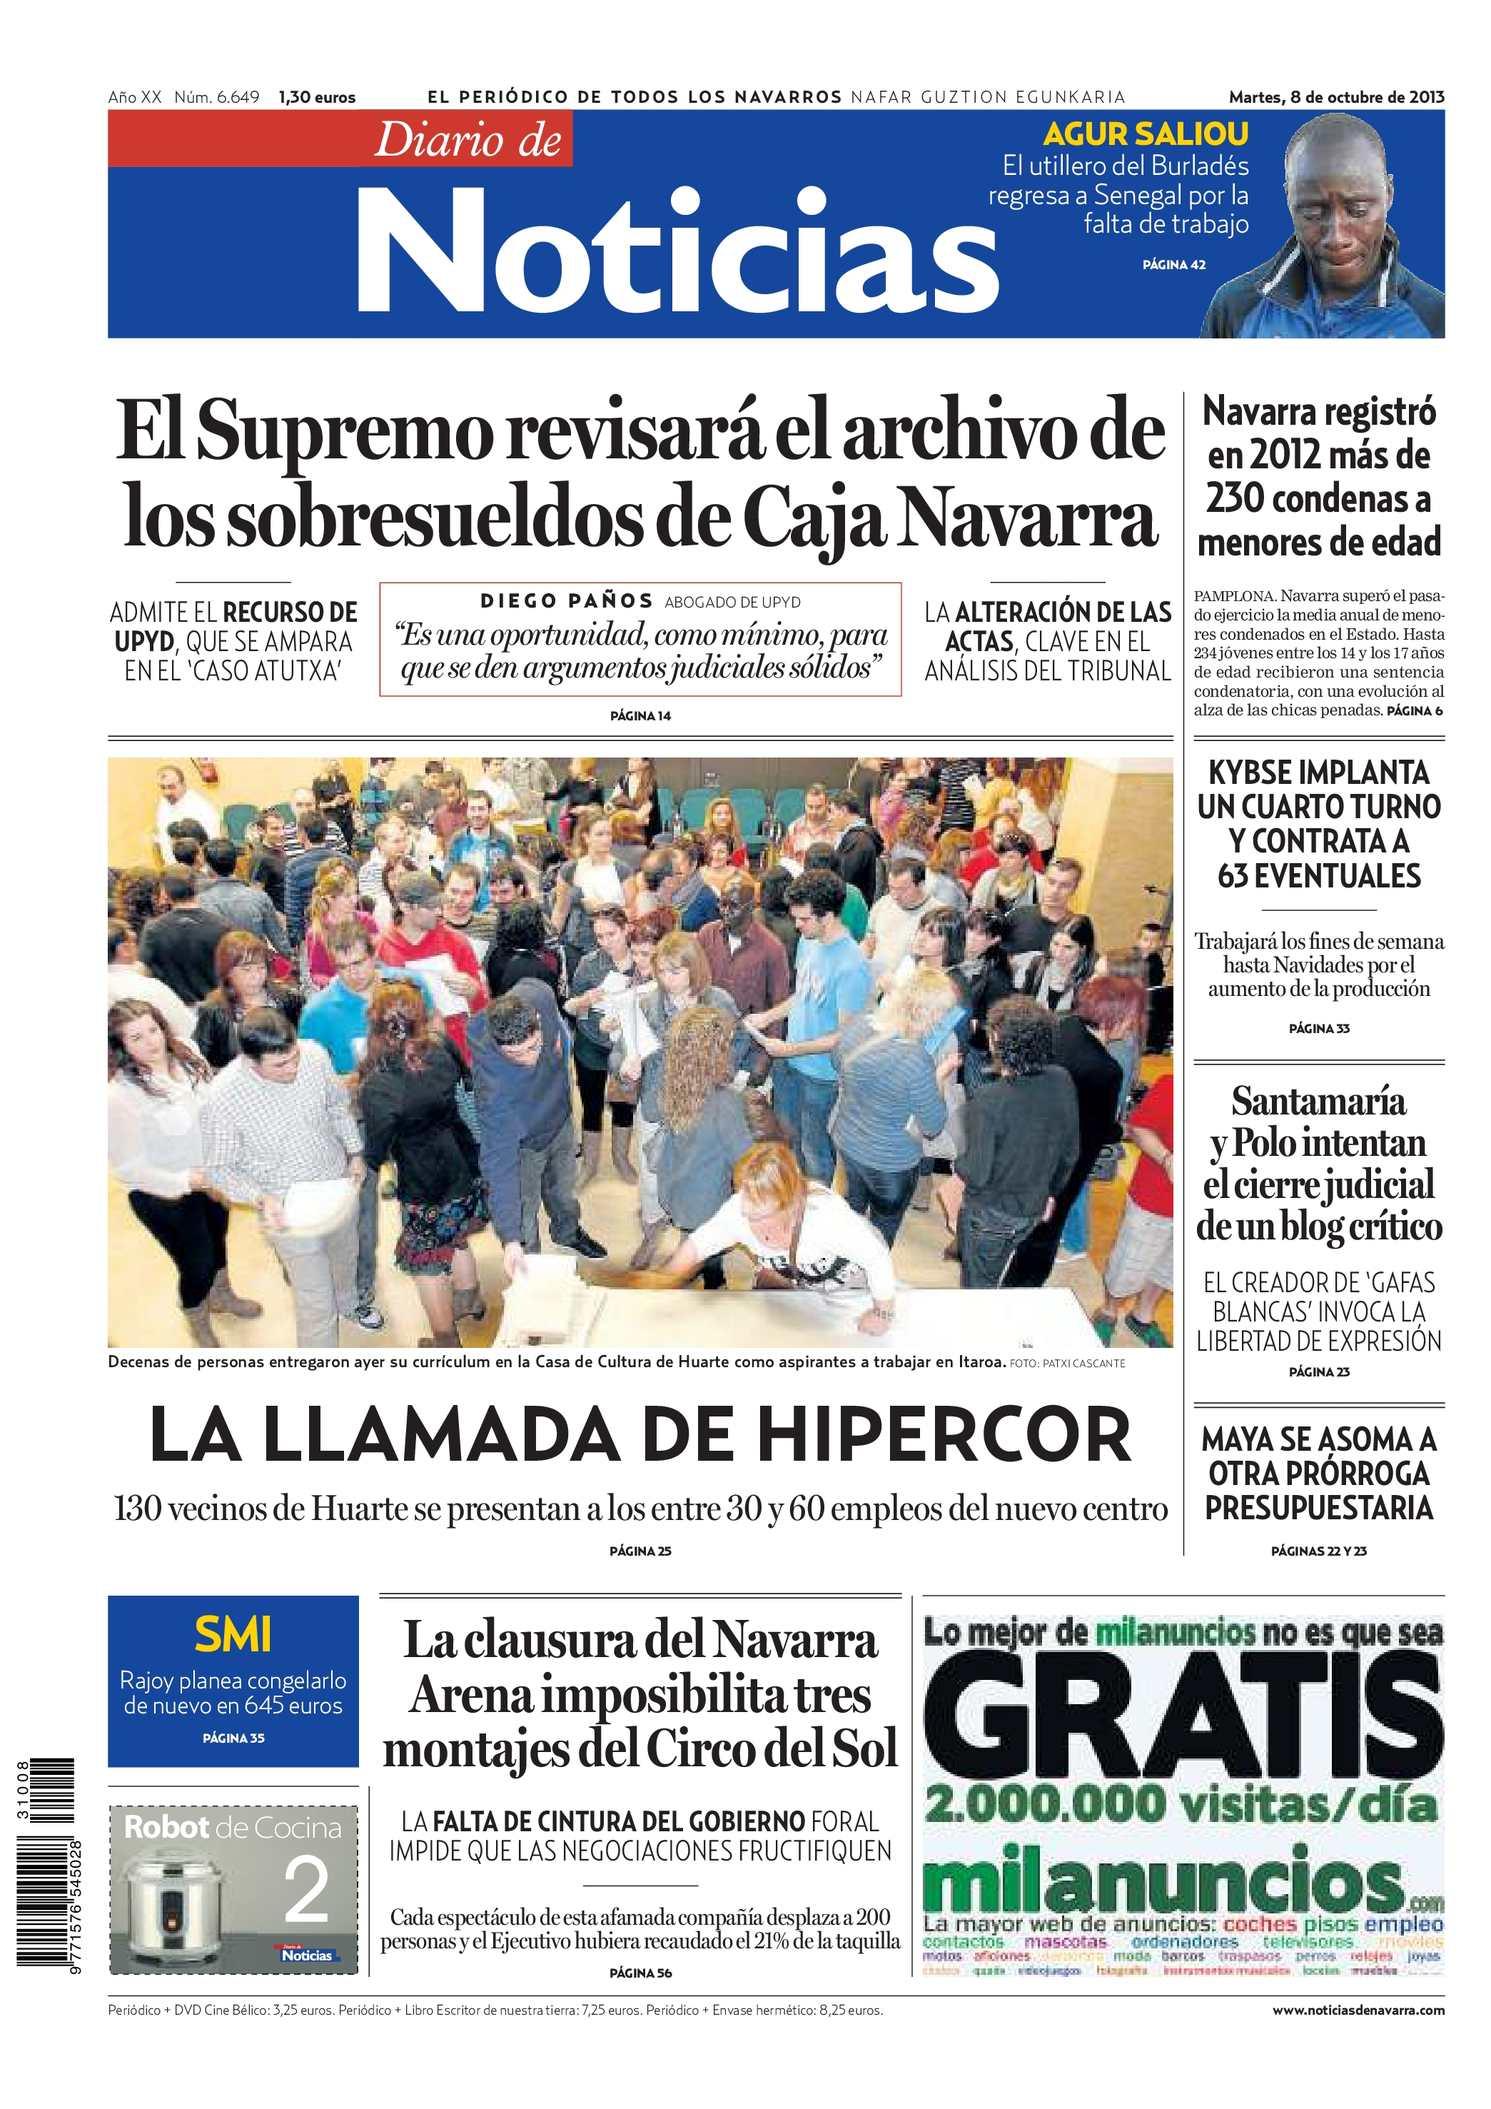 Calaméo - Diario de Noticias 20131008